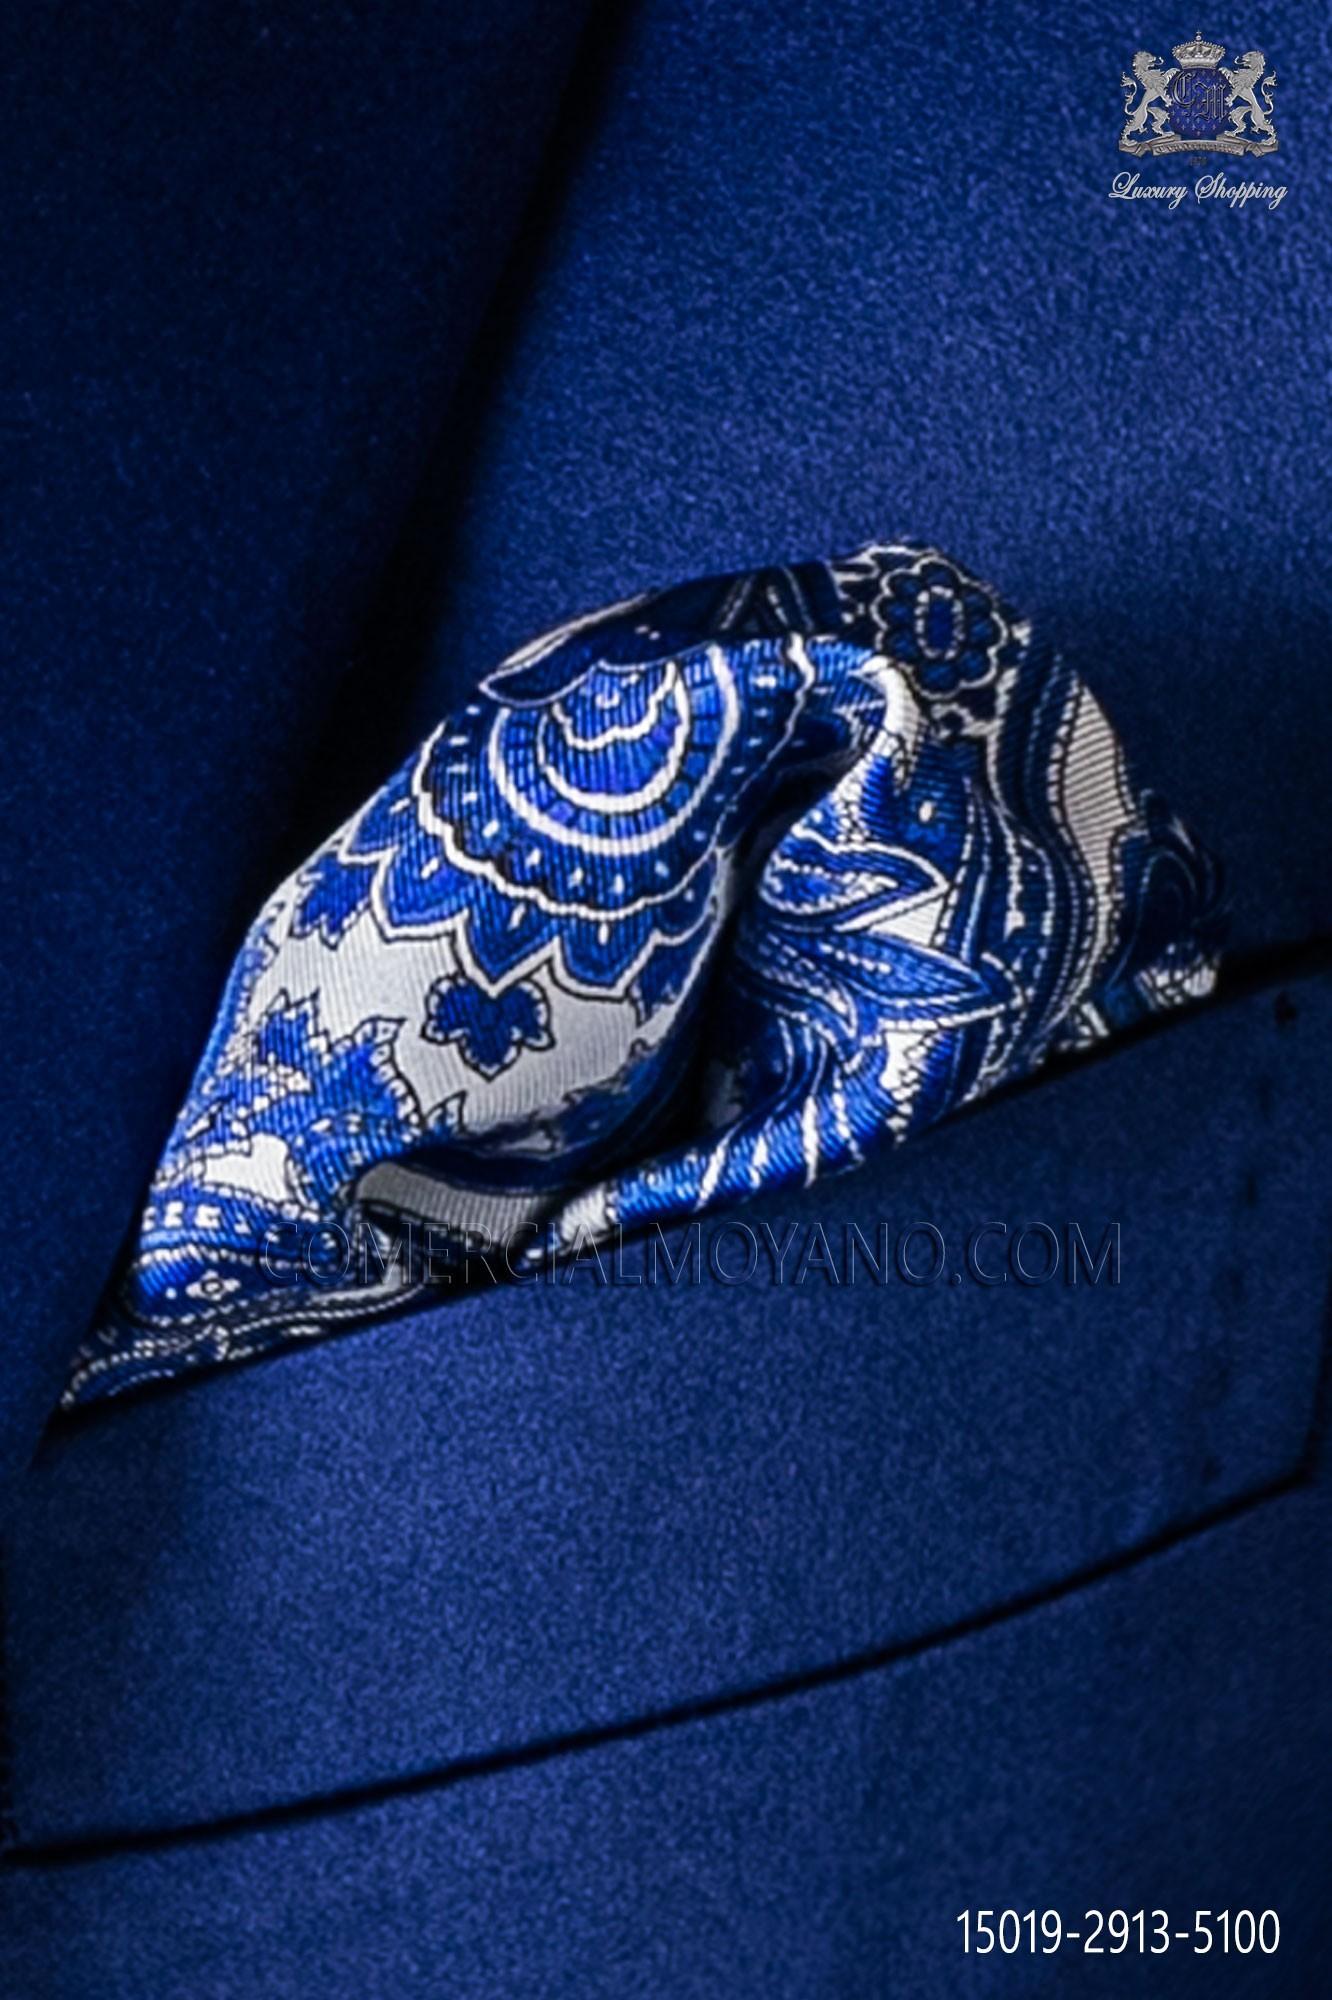 ccb655b9f4c6c Pure silk white pocket square blue paisley design Ottavio Nuccio Gala